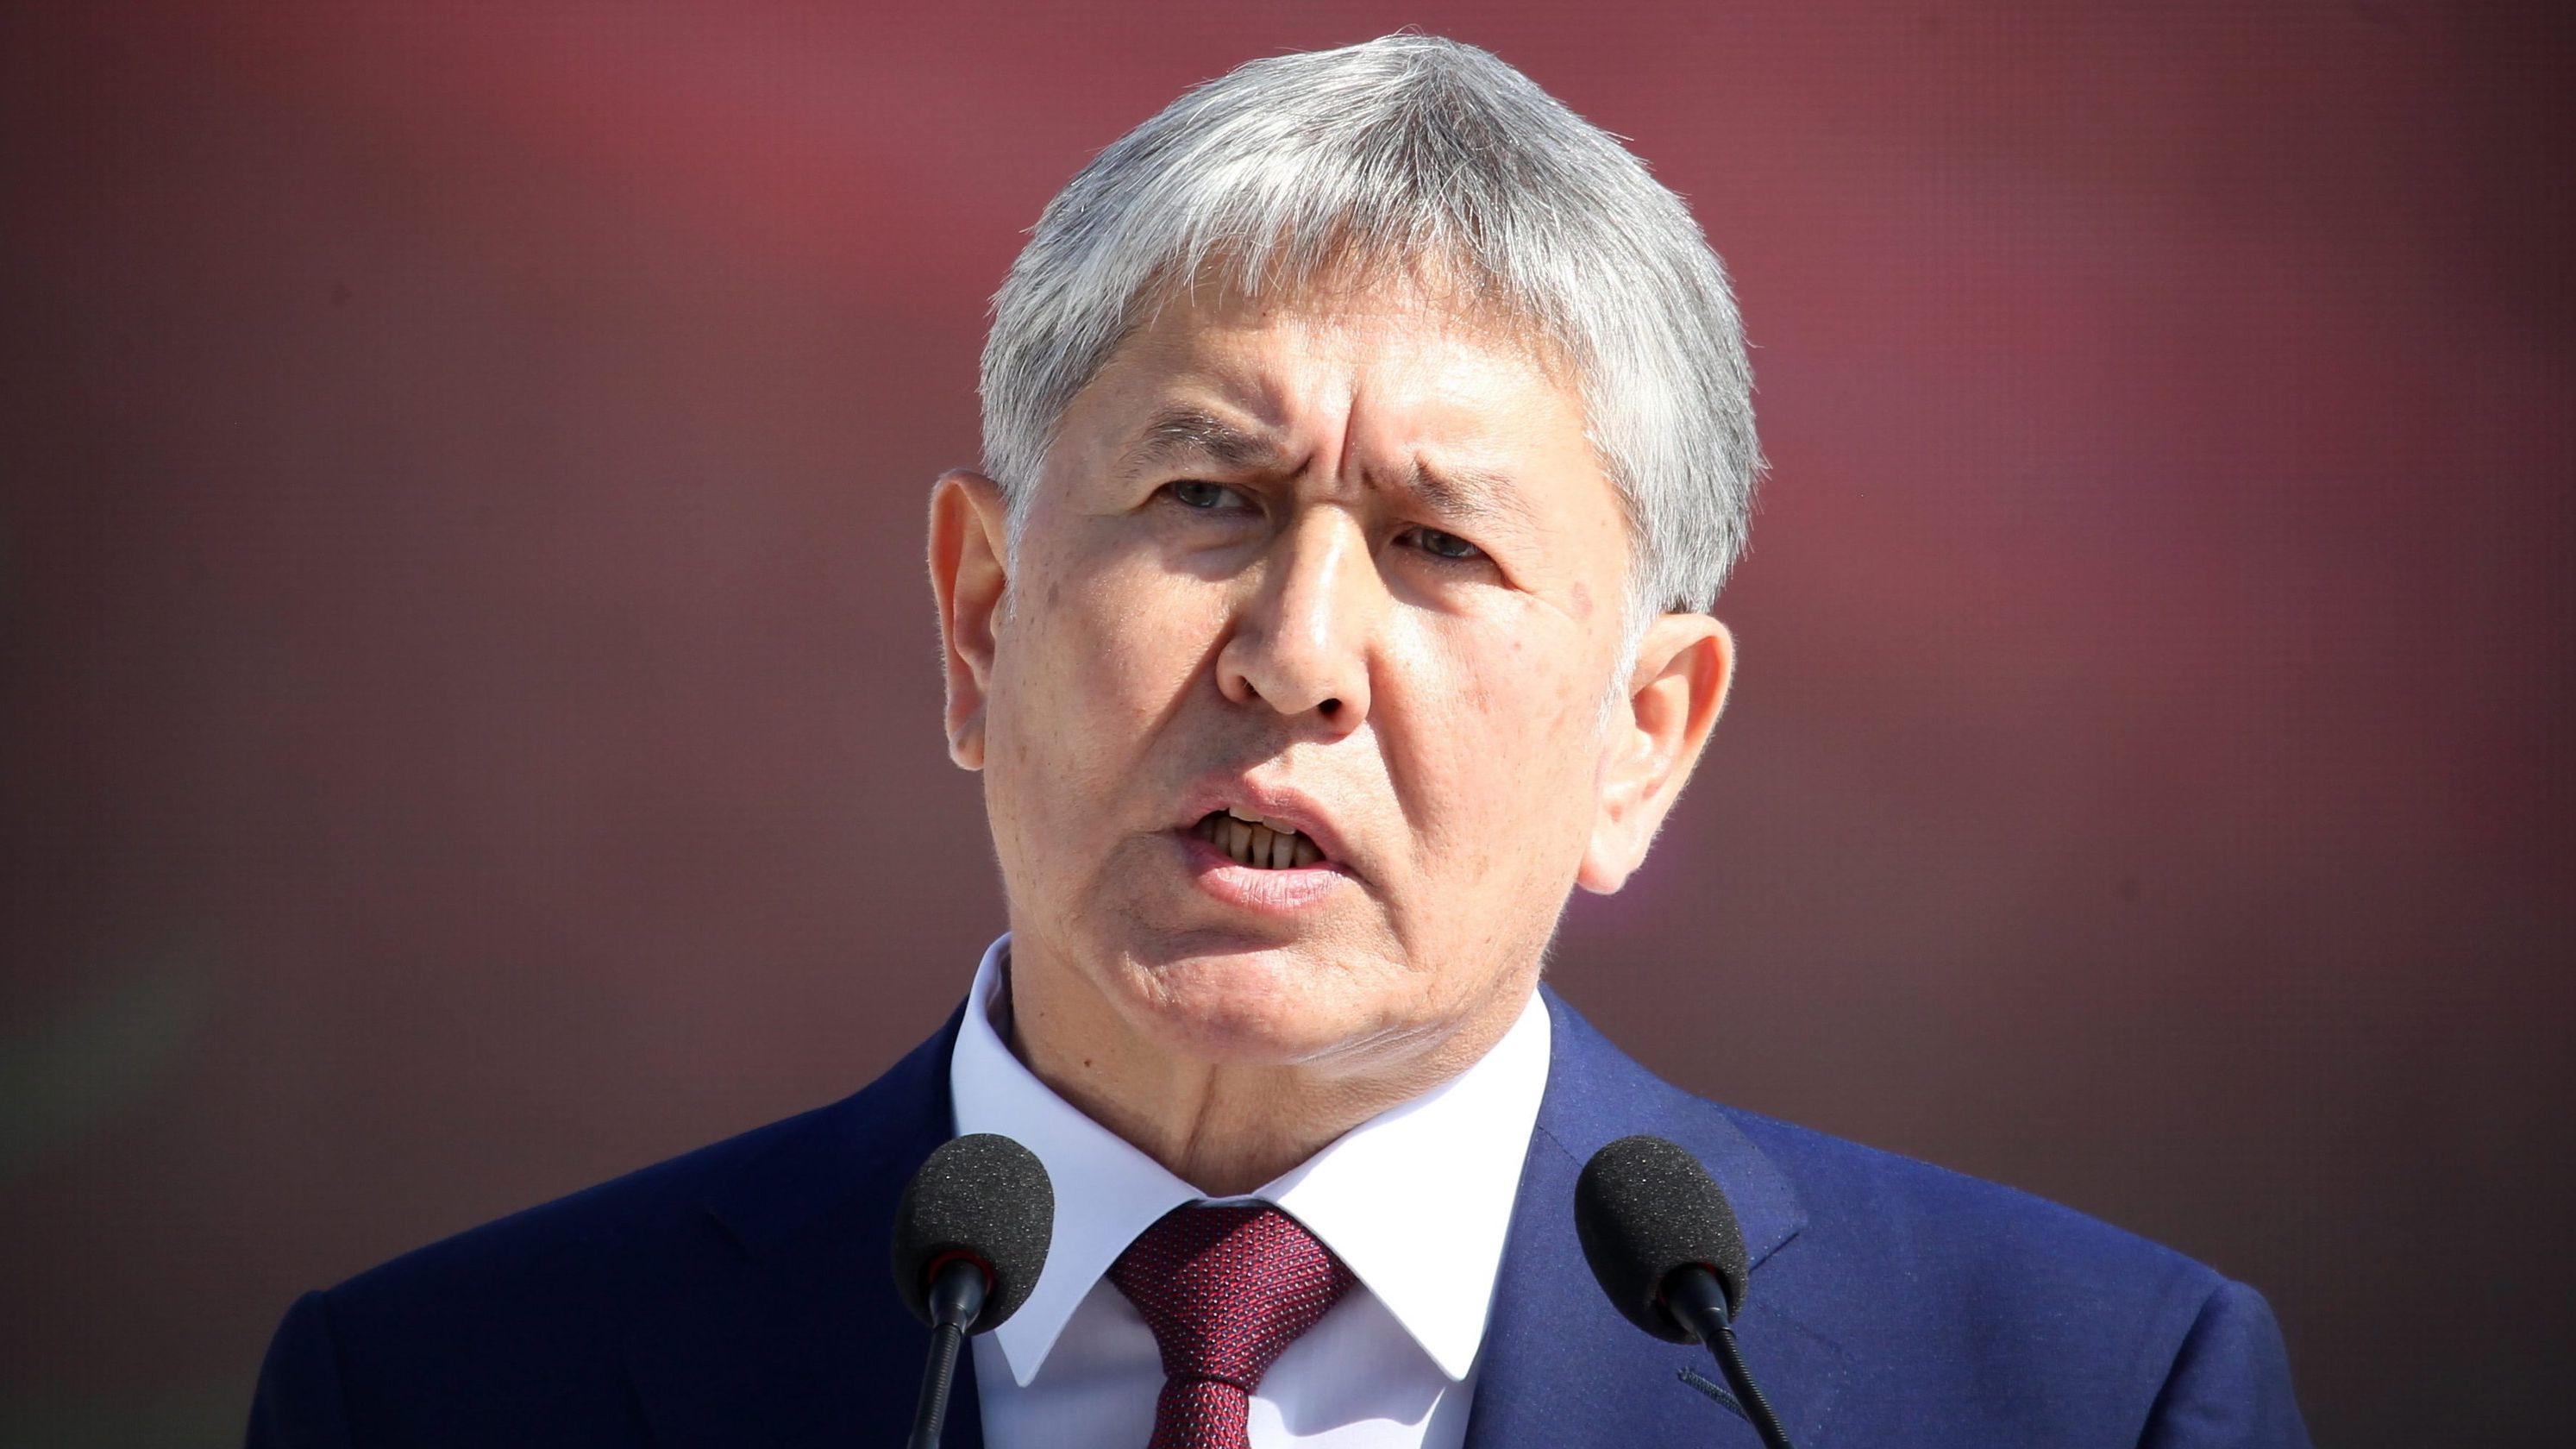 31.08.2016, Kirgistan: Almasbek Atambajew, damaliger Präsident von  Kirgistan, spricht auf einer Parade zum Unabhängigkeitstag